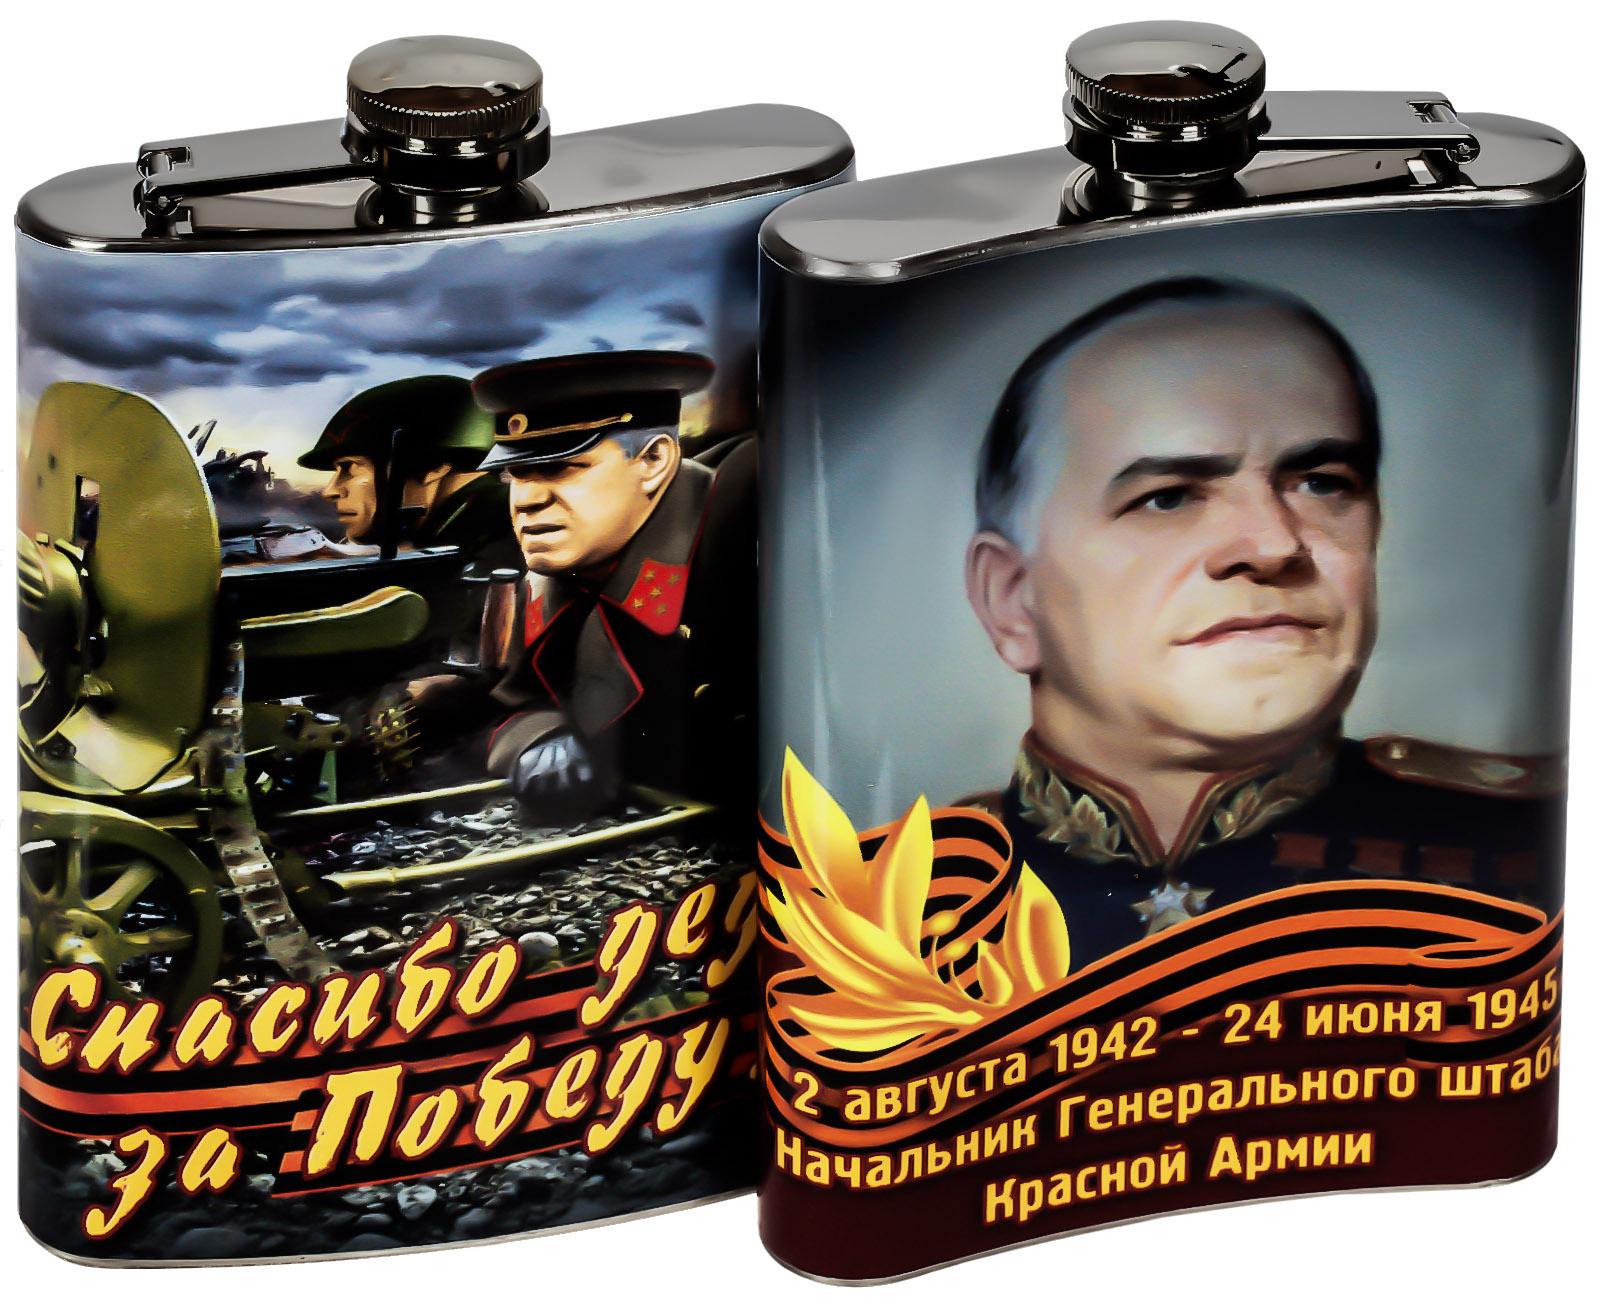 Купить флягу Спасибо деду за Победу! с доставкой по России